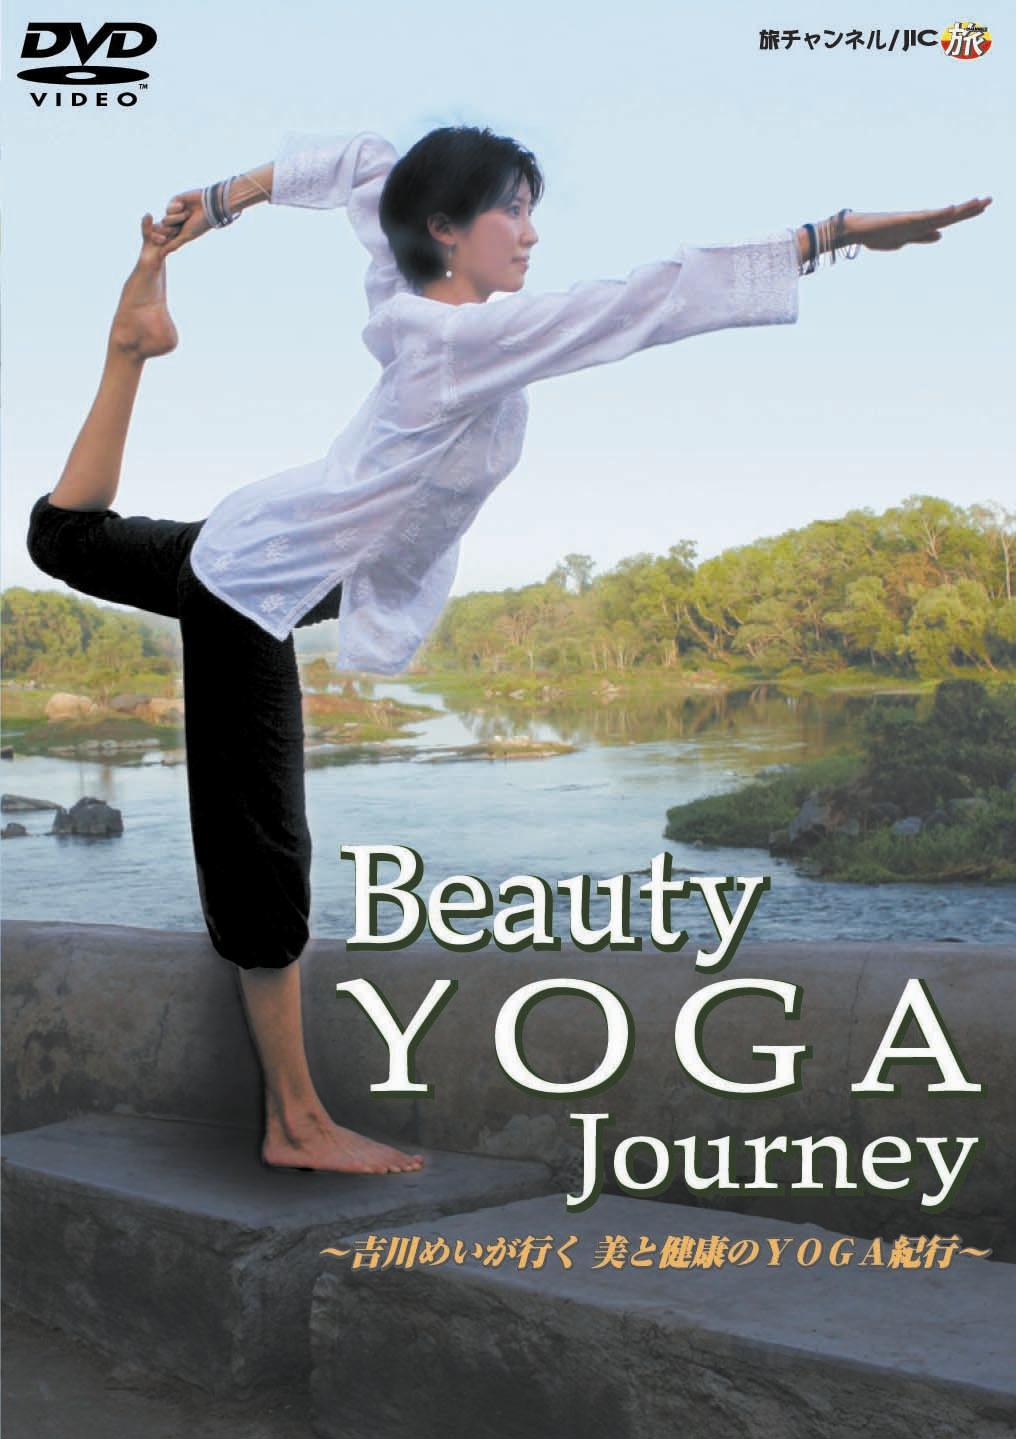 Beauty YOGA Journey ~吉川めいが行く 美と健康のYOGA紀行 のサムネイル画像